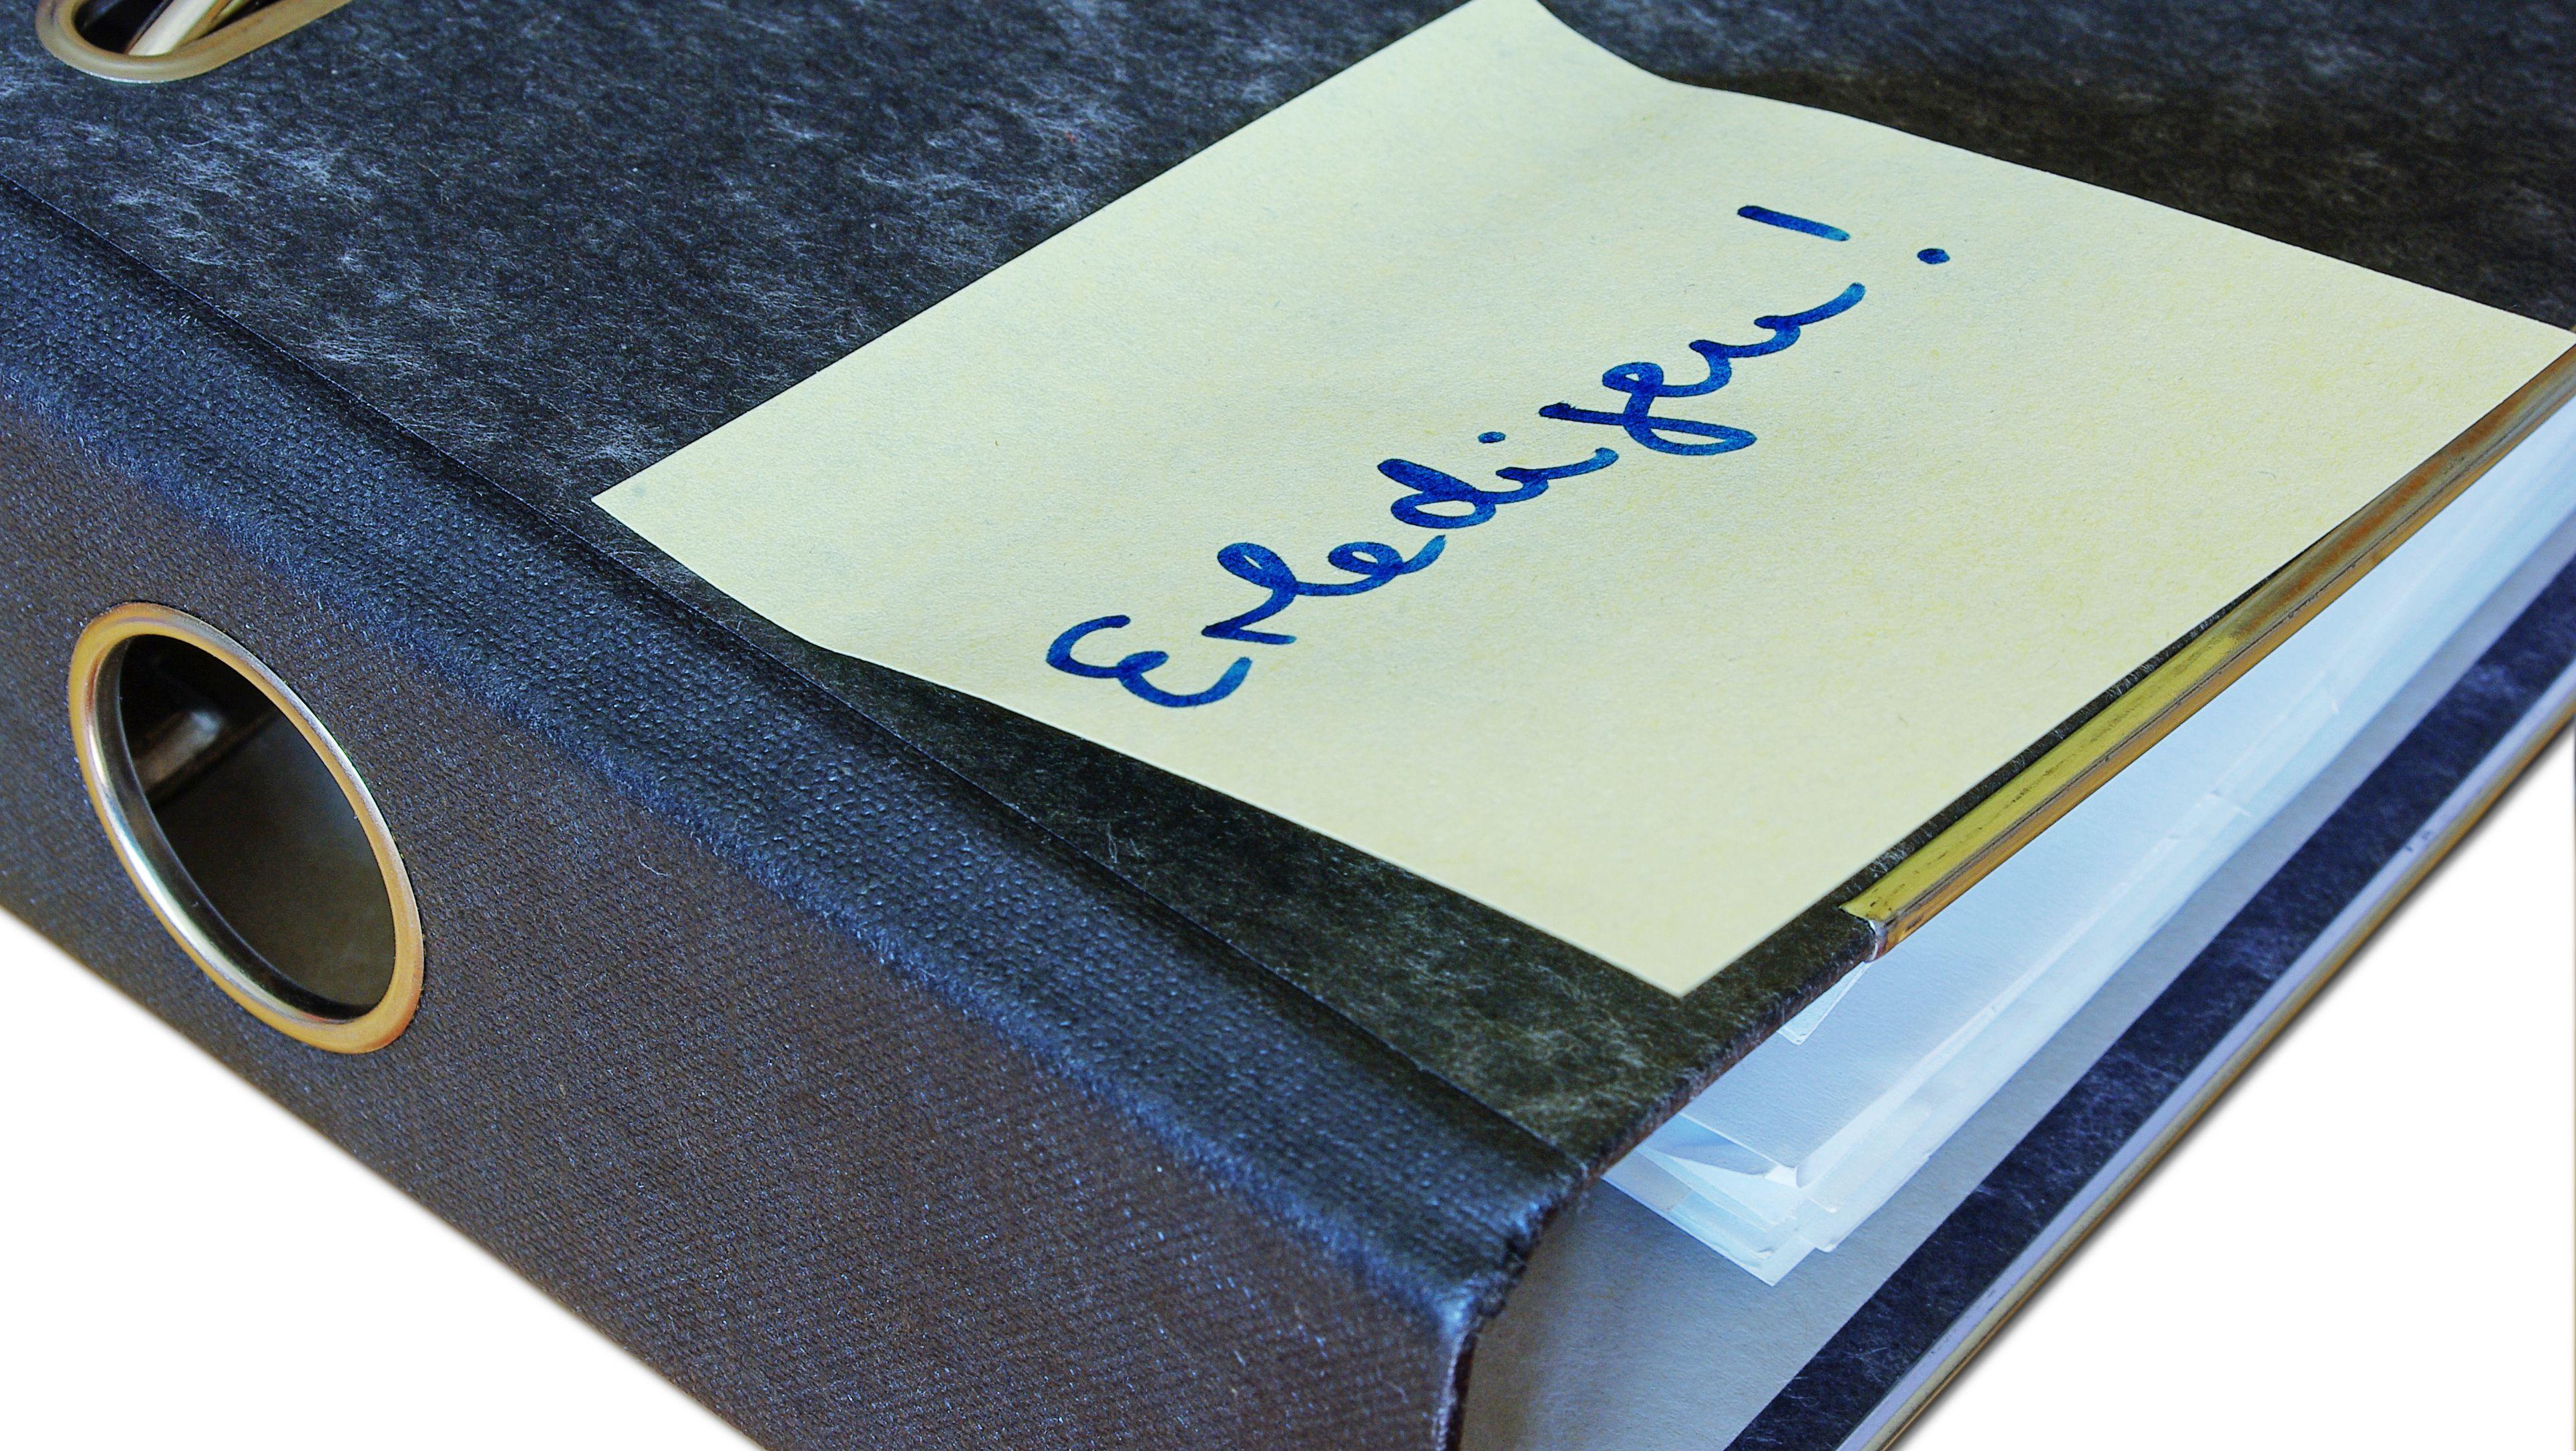 """Post-it mit dem Schriftzug """"Erledigen!"""" auf einem Aktenordner"""